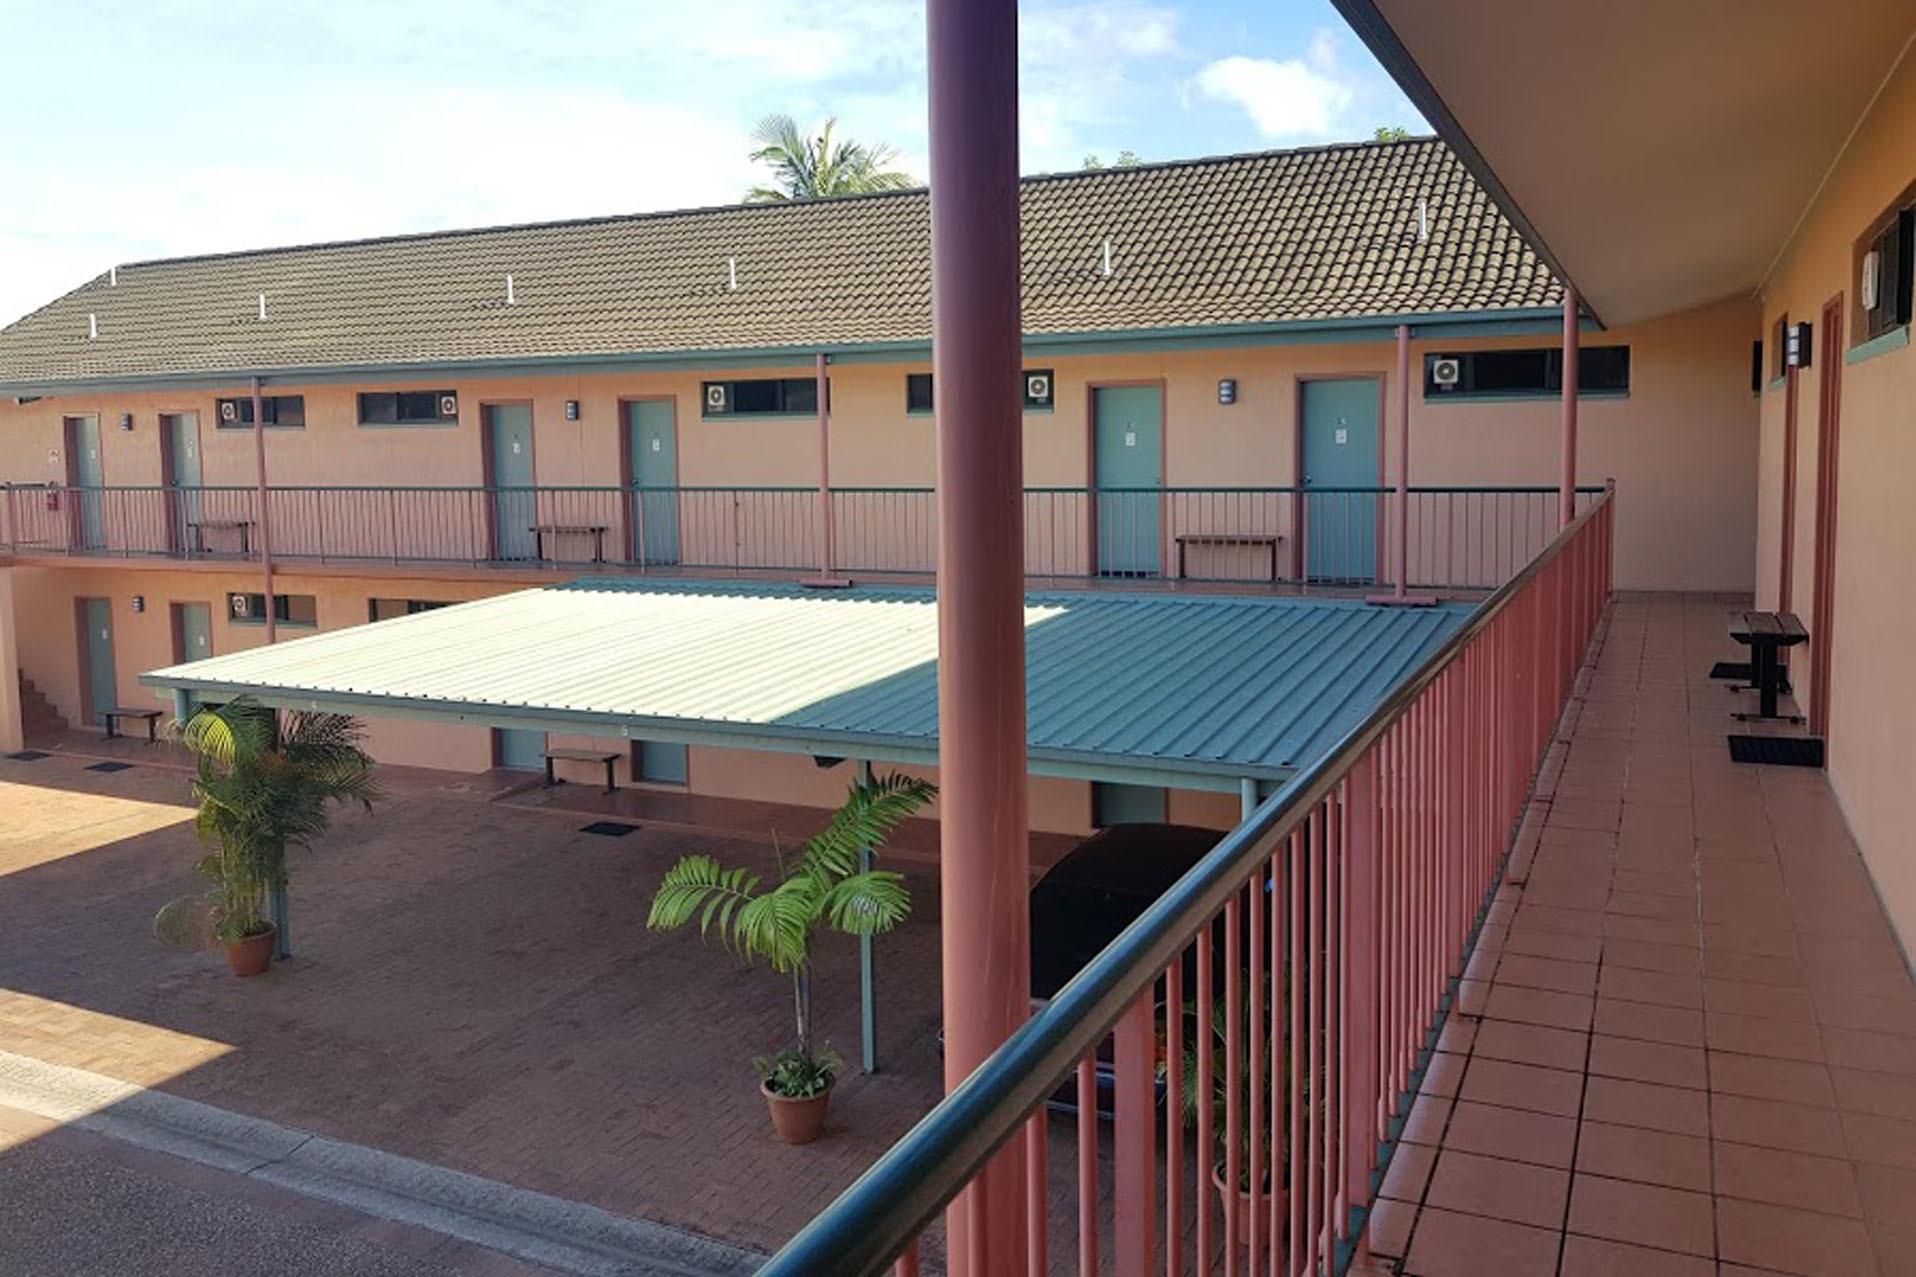 k - Cannon Park Motel